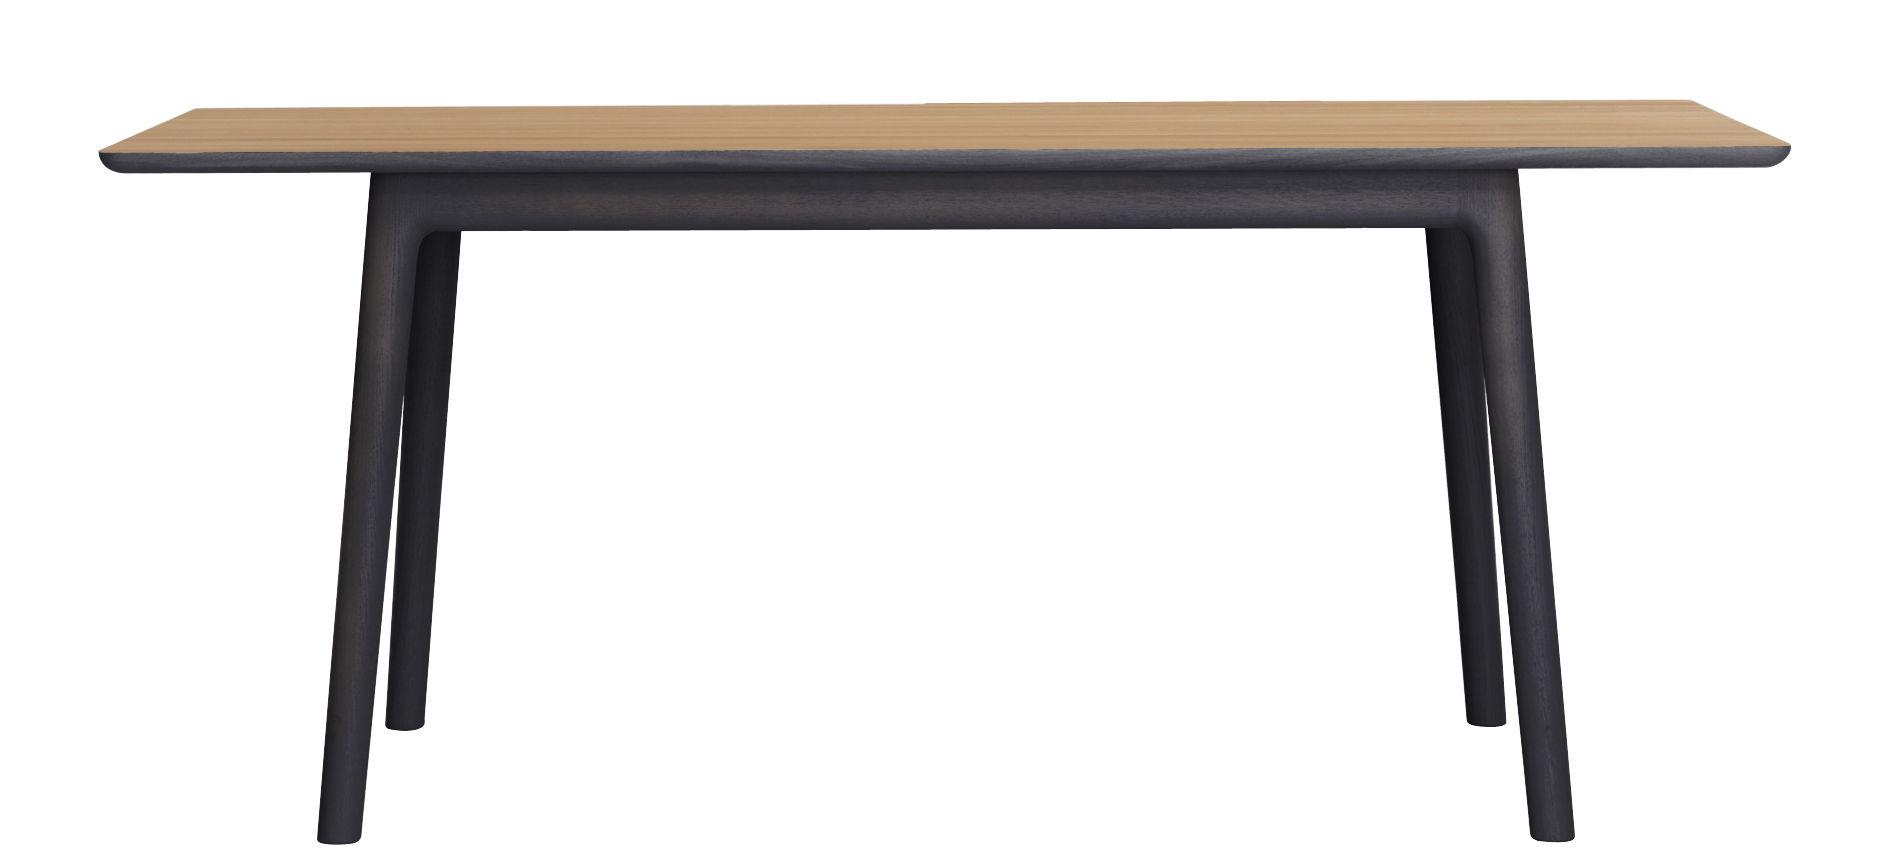 e8 tisch 180 x 90 cm tischplatte eiche natur tischgestell eiche graphitschwarz gebeizt by. Black Bedroom Furniture Sets. Home Design Ideas